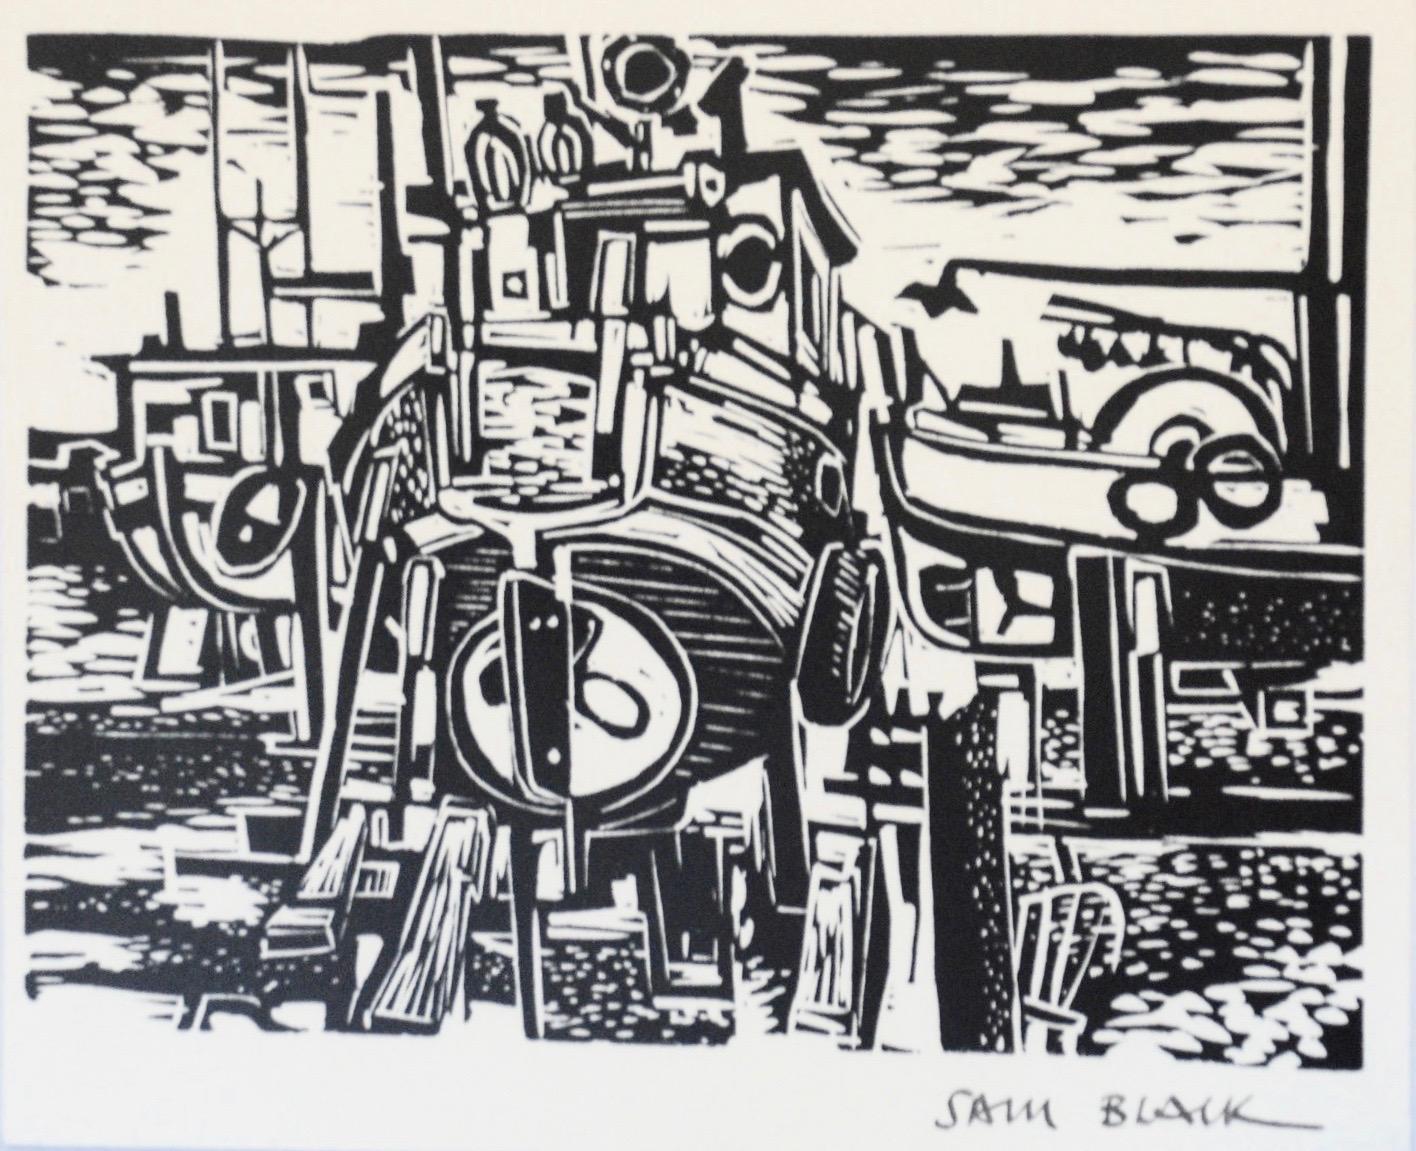 Sam Black, Untitled (River Boats)